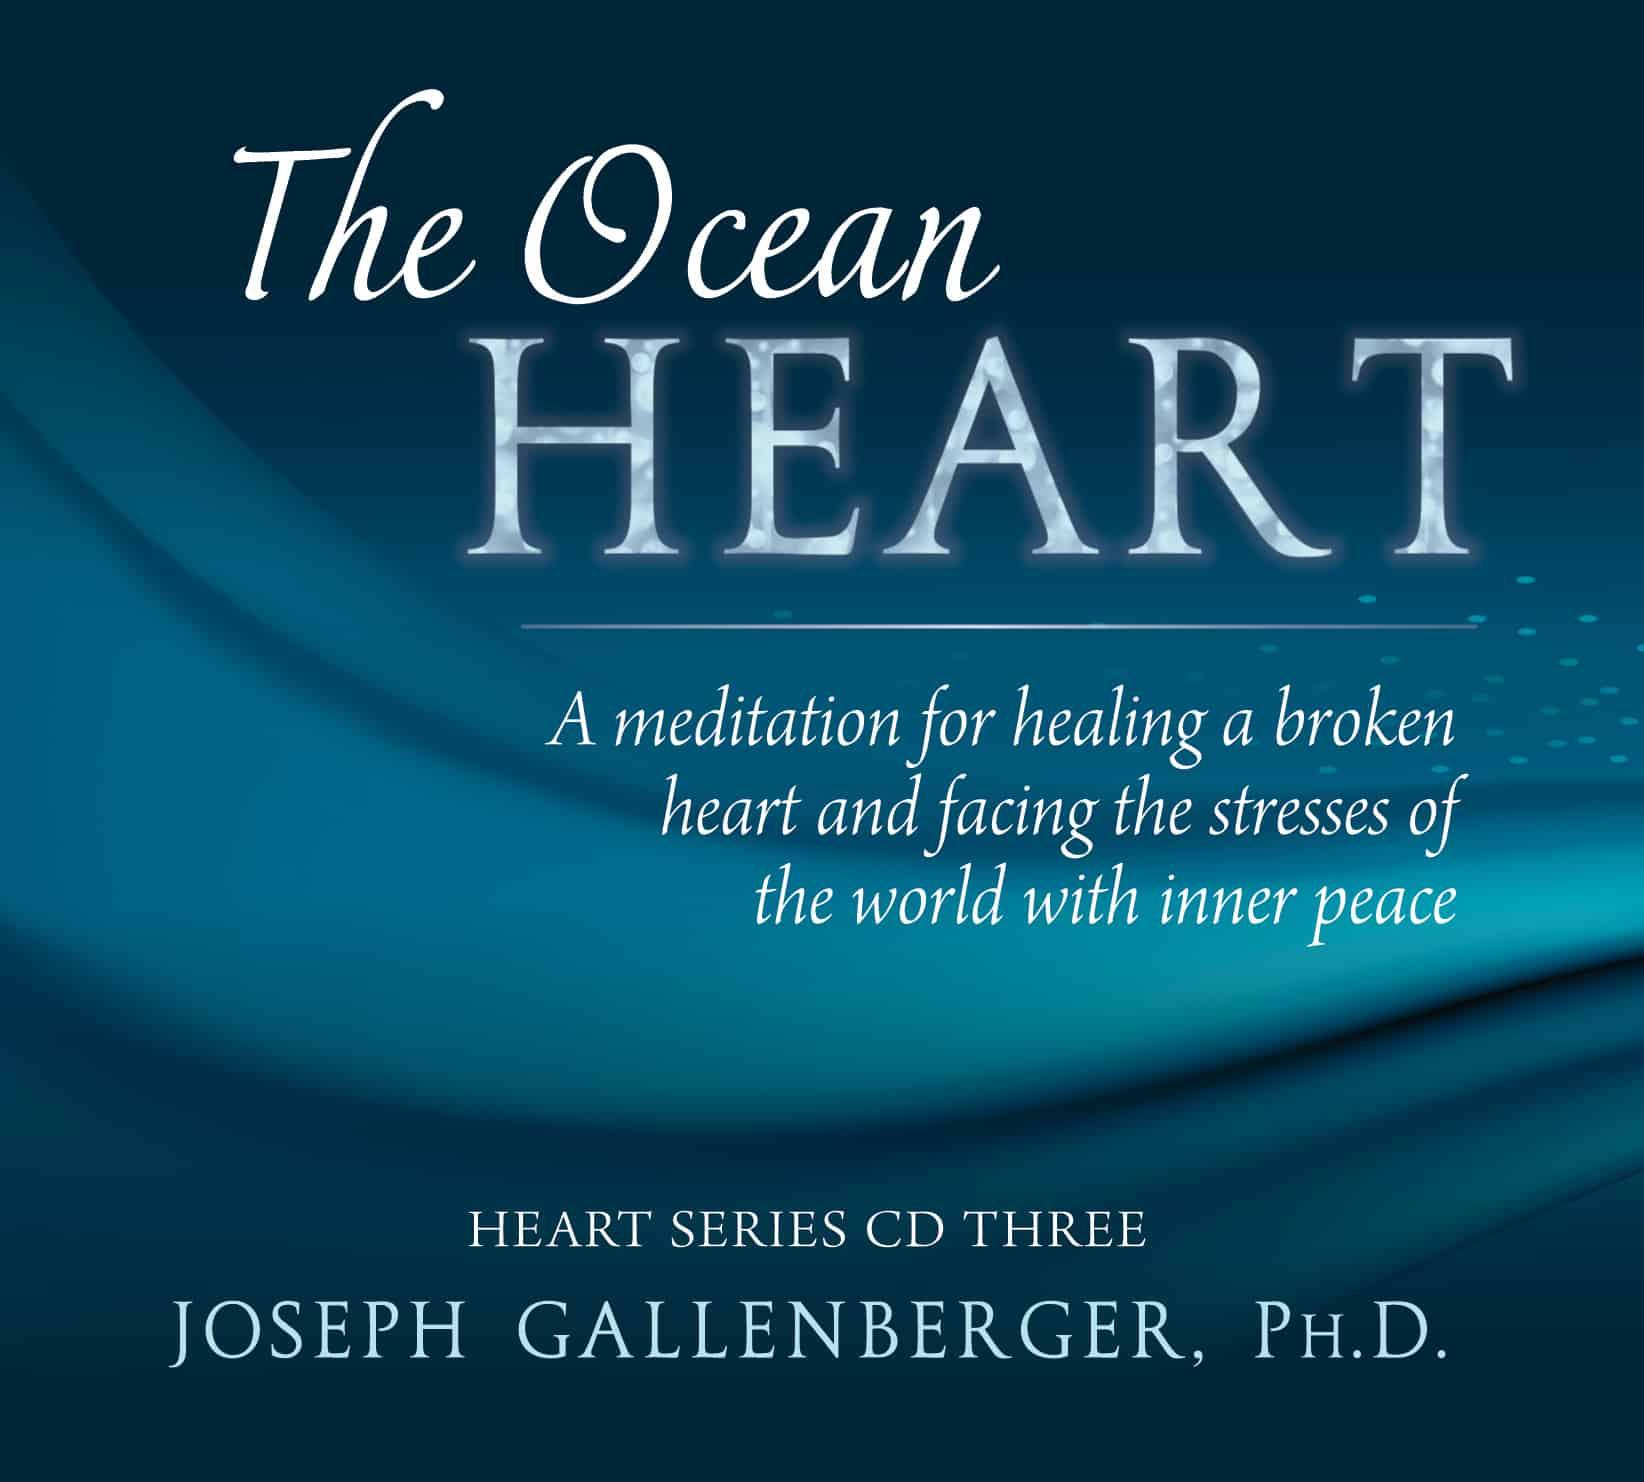 The Ocean Heart CD: Reach Your Heart